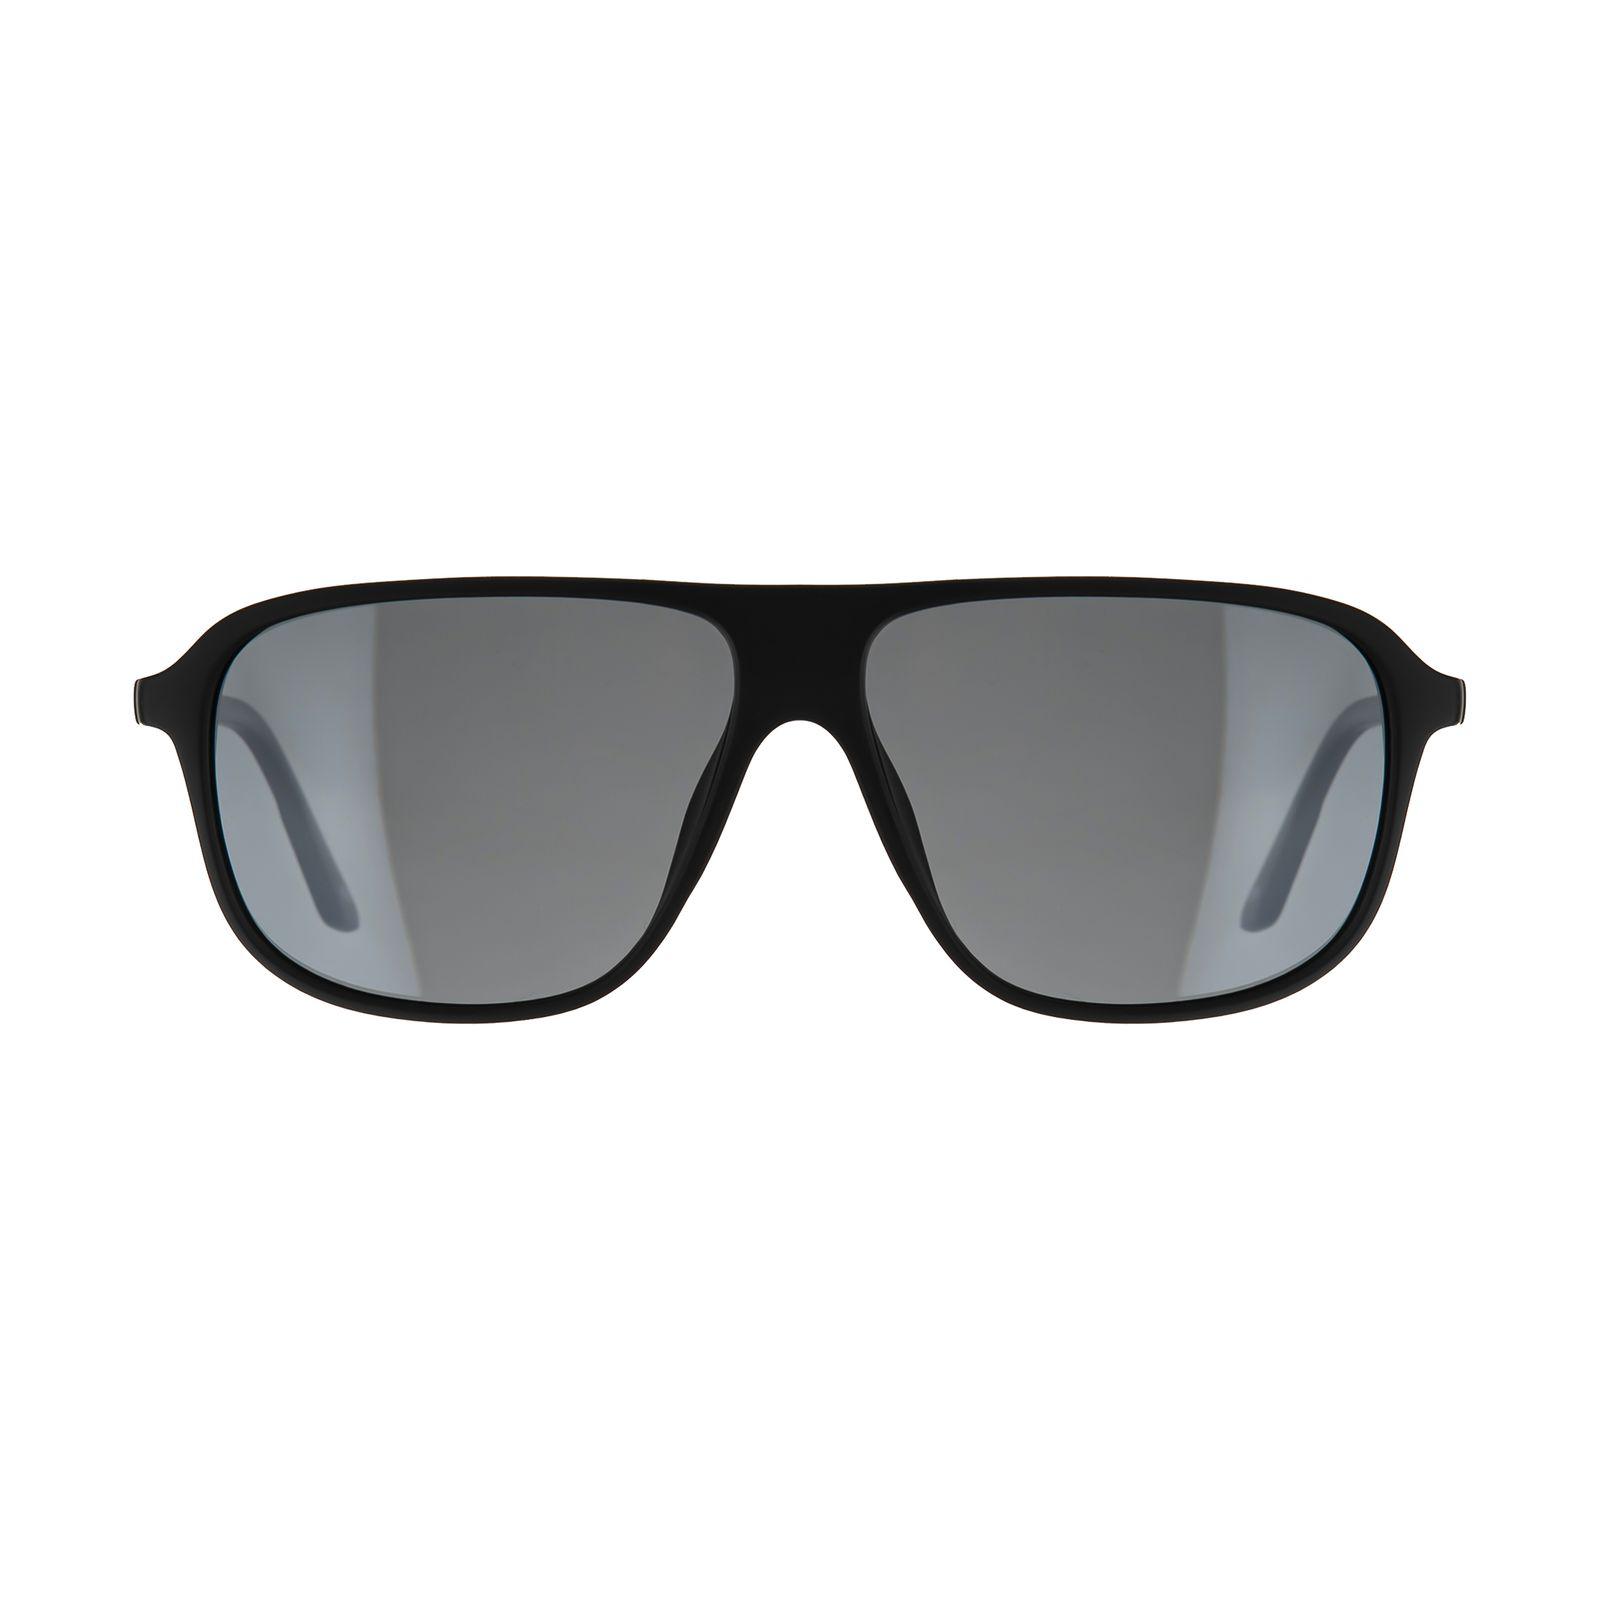 عینک آفتابی موآیور مدل 2481 c -  - 2